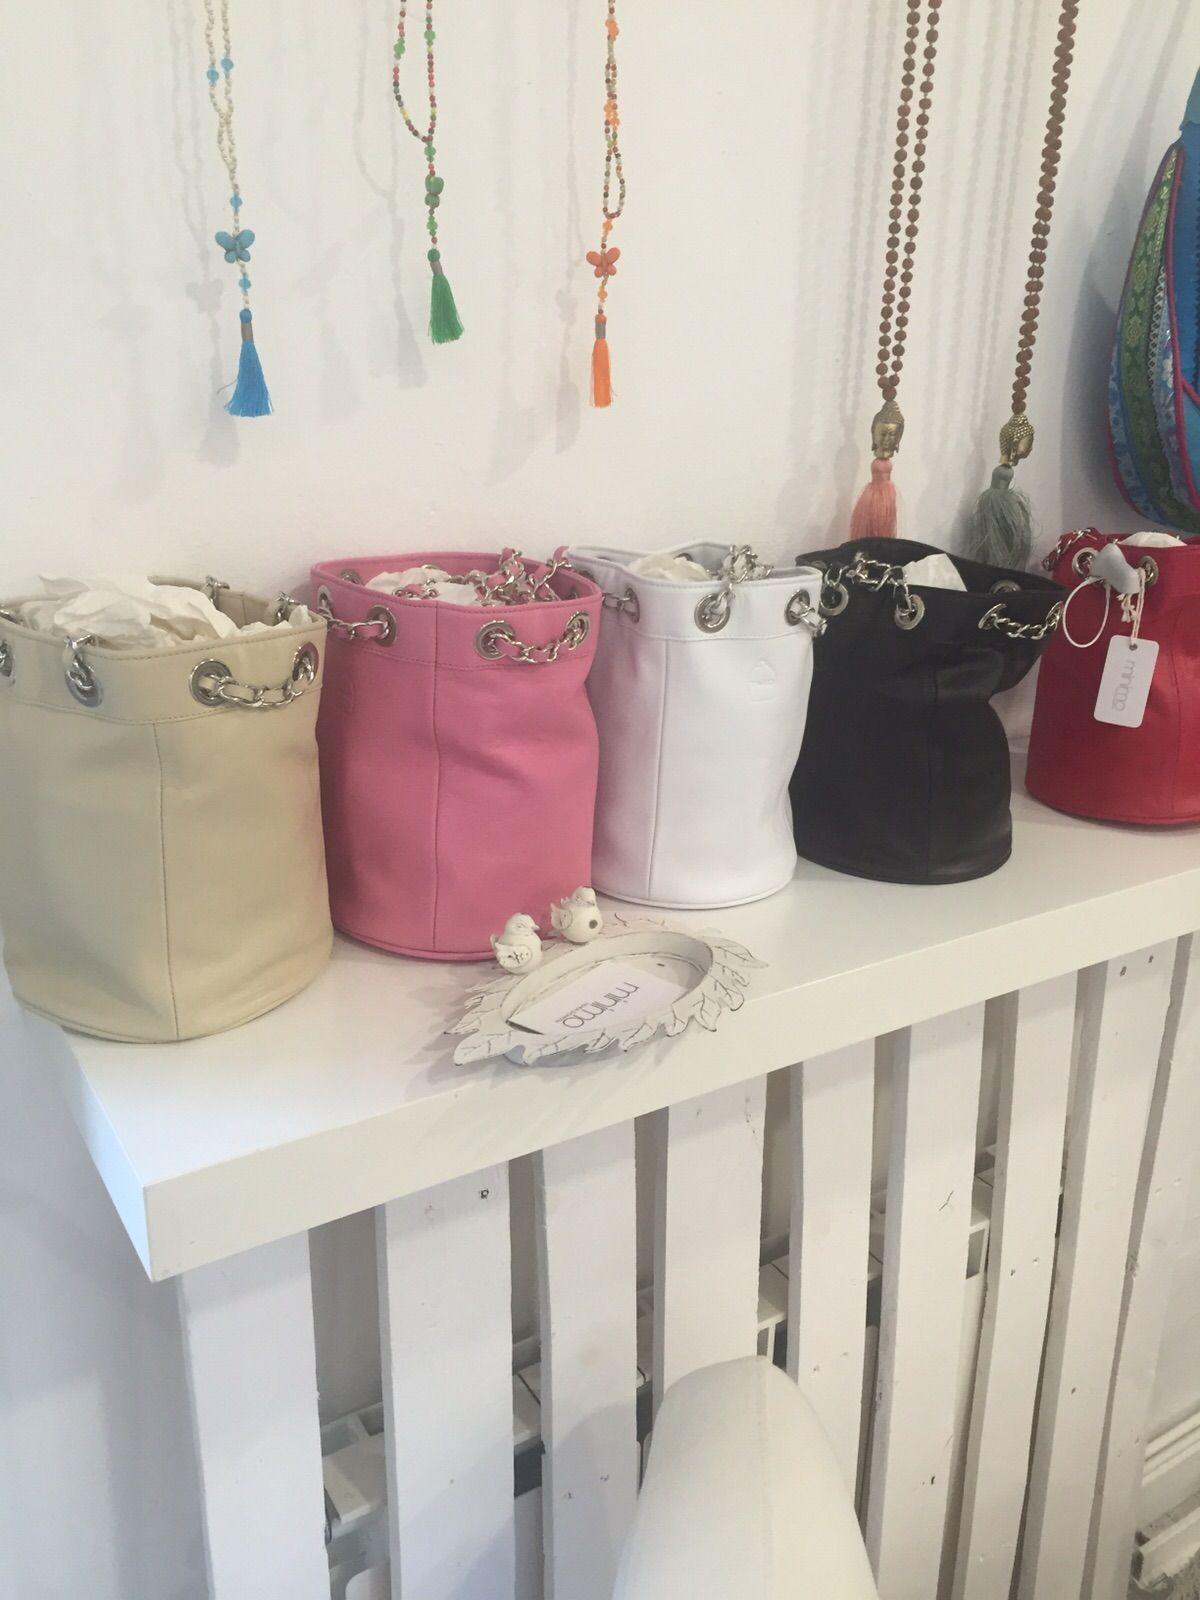 Llega más color a los accesorios en Mínimo en www.minimofashionshowroom.com, tu outlet de moda en Madrid.